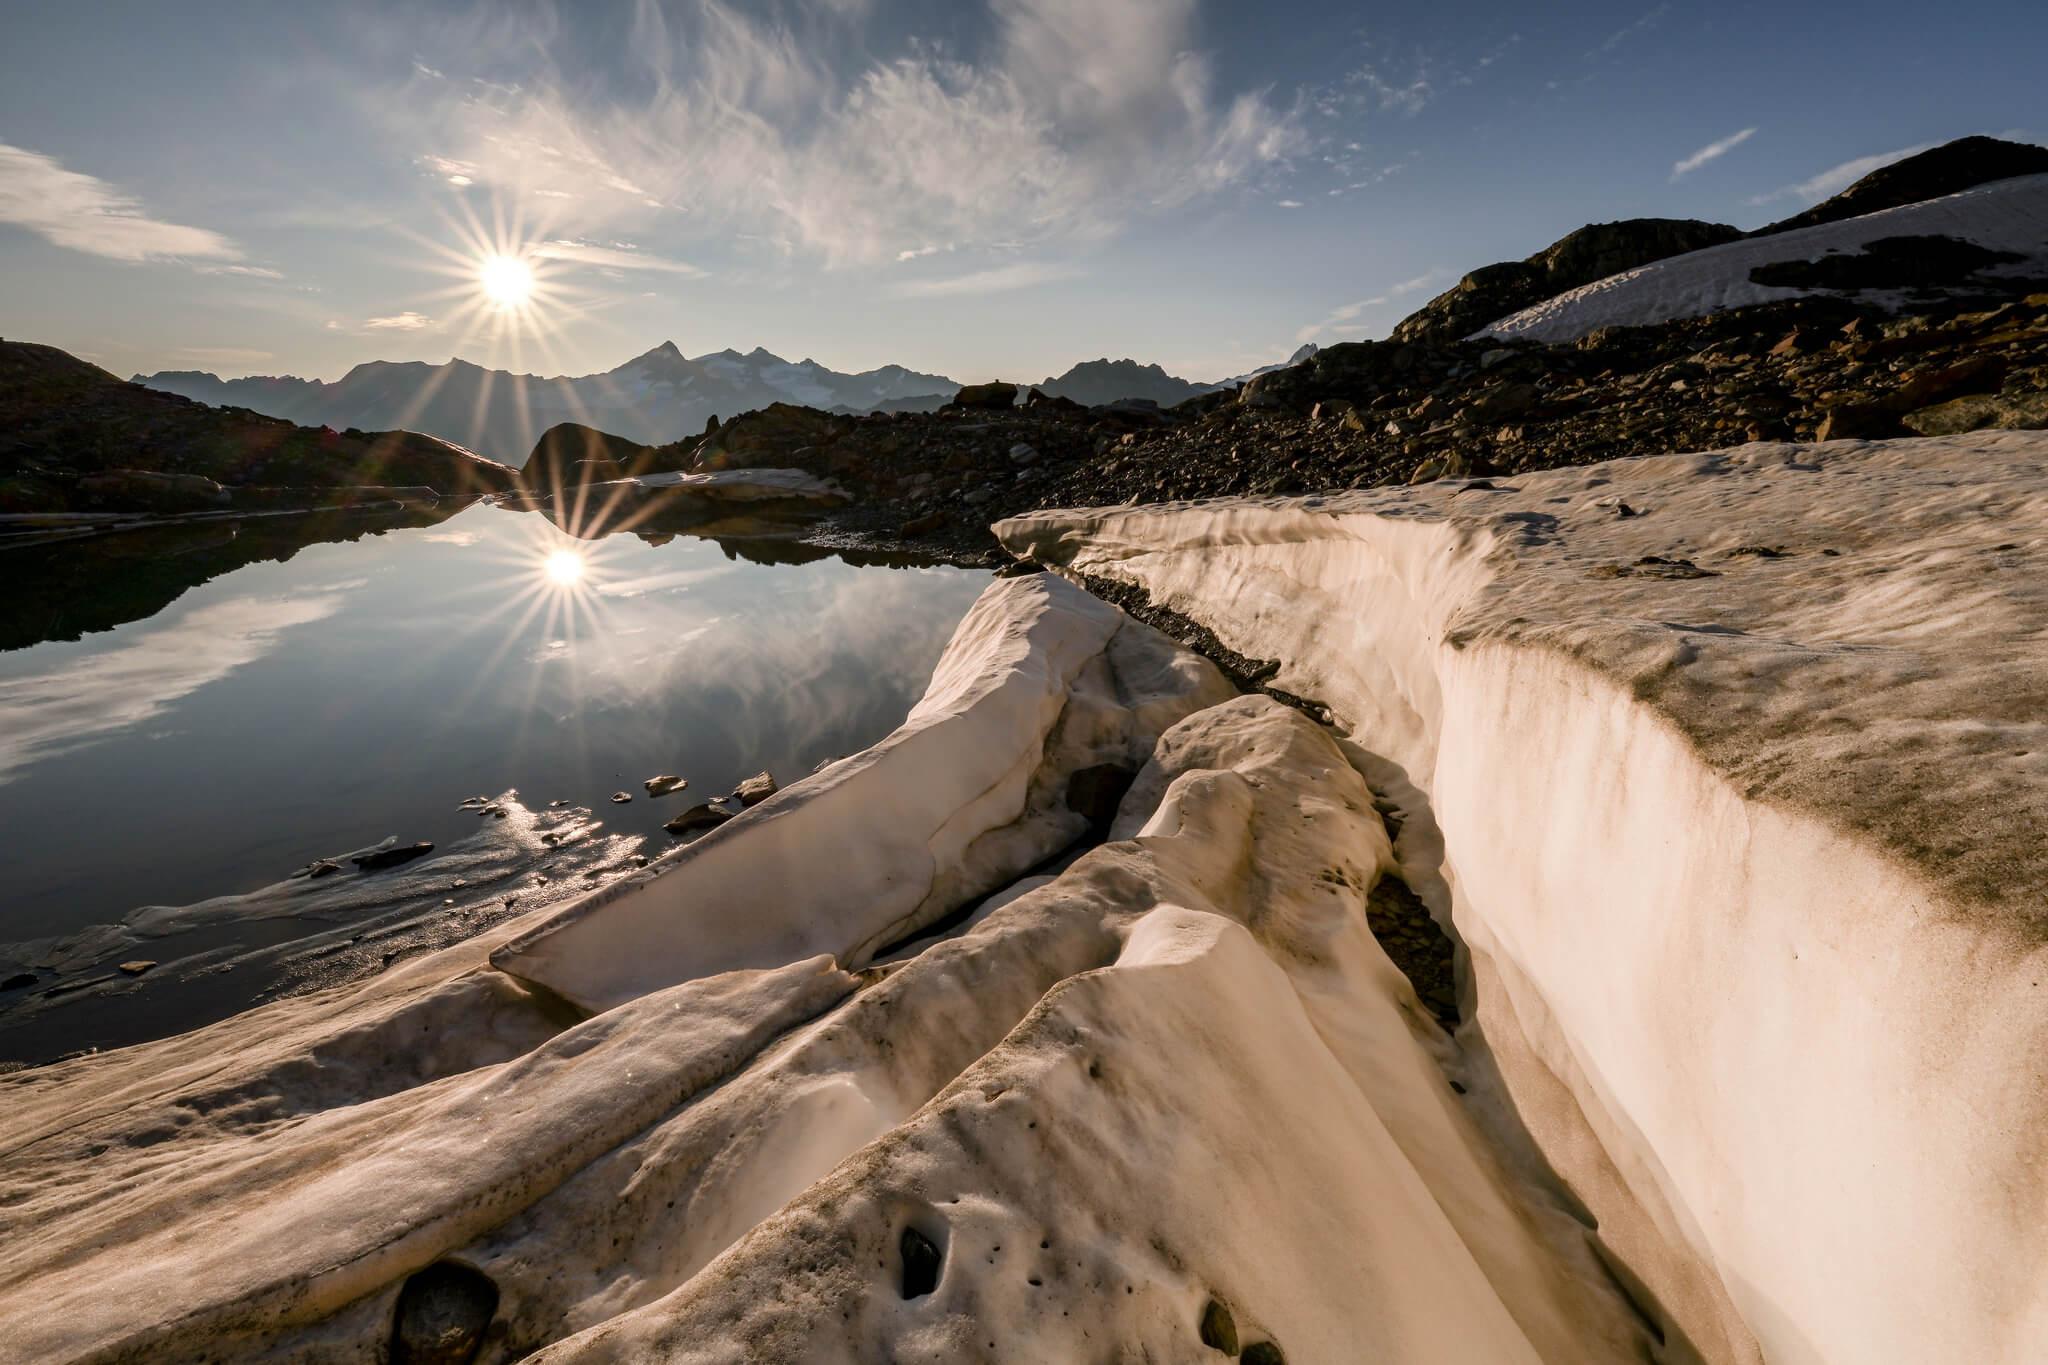 Nikon Z 7II + Nikkor Z 14–24 mm f/2,8S | 1/125 s, F16, 14 mm, ISO 64 | Foto Stefan Forster